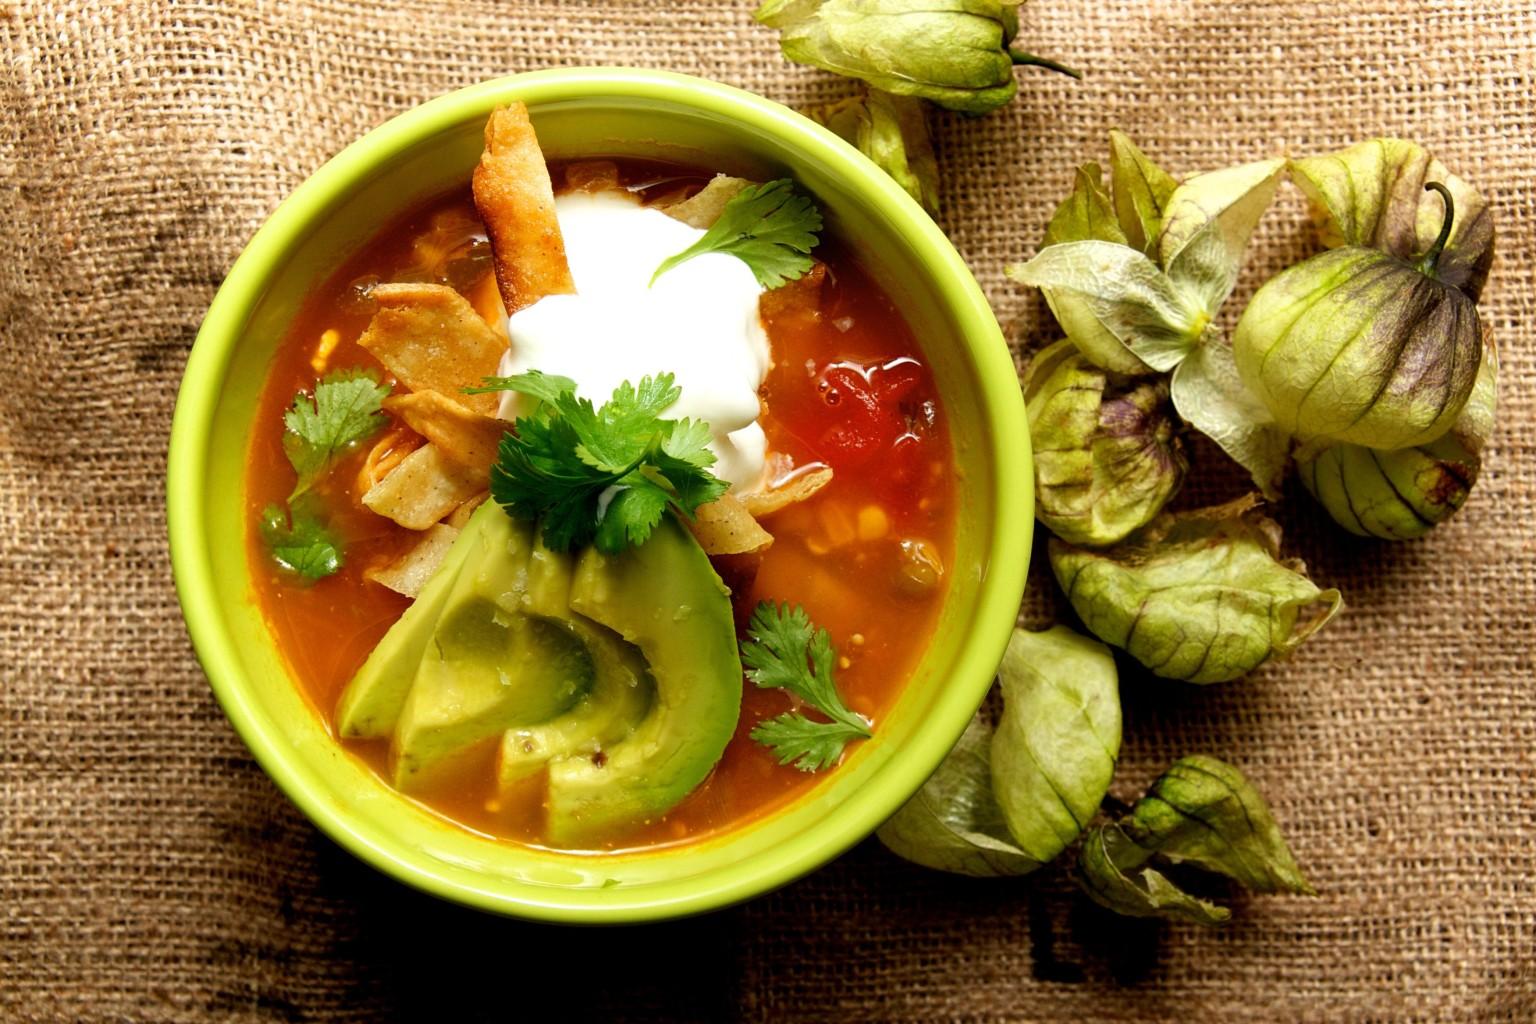 Tomatillo Recipes (P